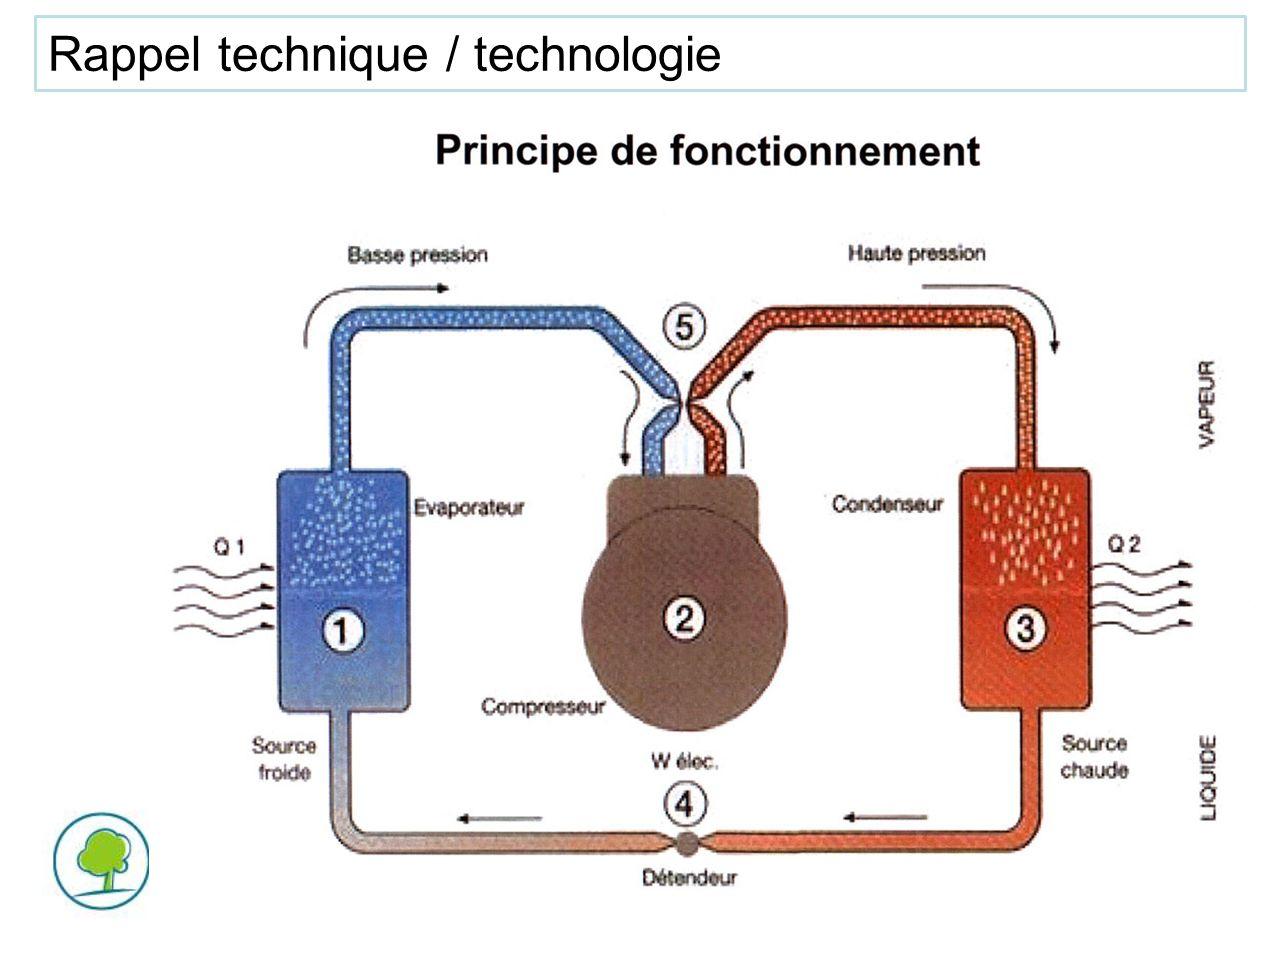 Rappel technique / technologie